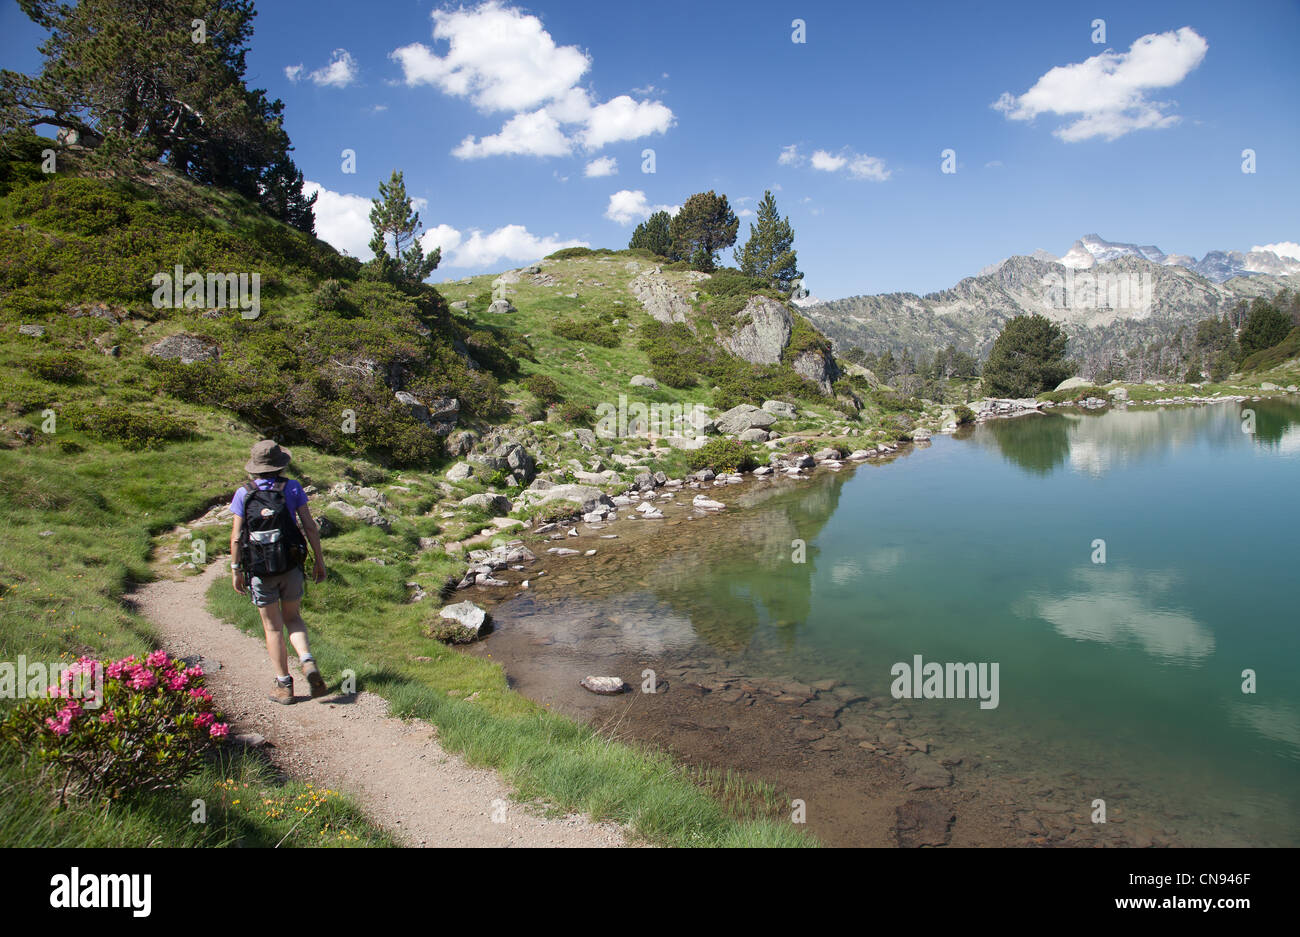 France, Hautes Pyrenees, Aragnouet, hiker near Bastan lake, Neouvielle park Stock Photo